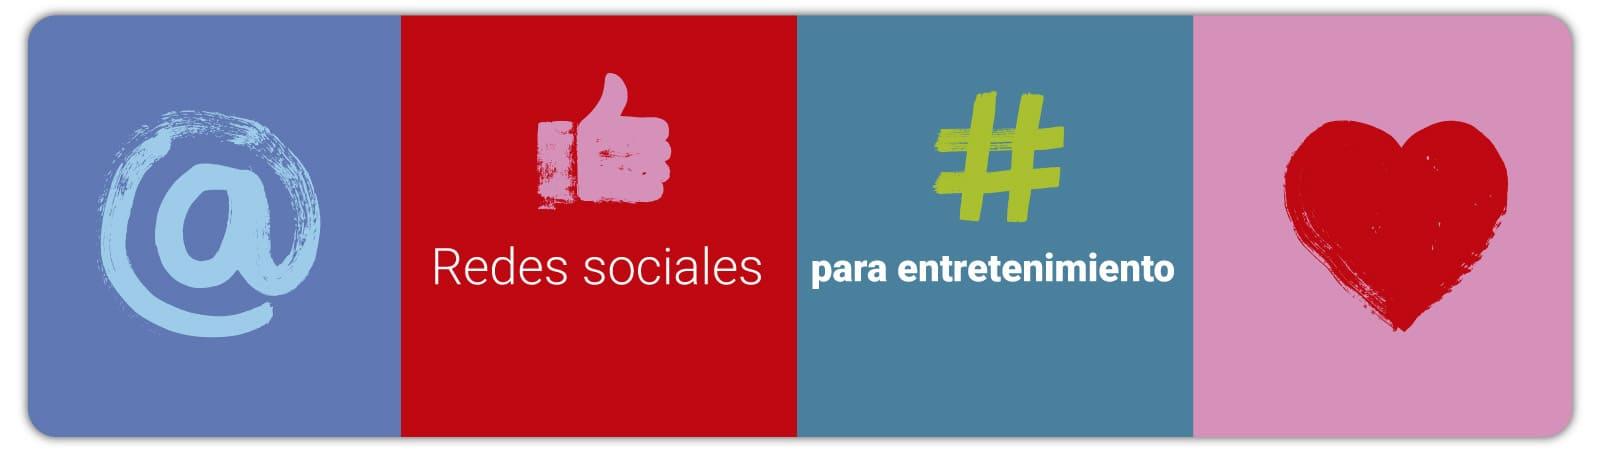 art-08-Redes-Sociales-para-Entretenimiento1